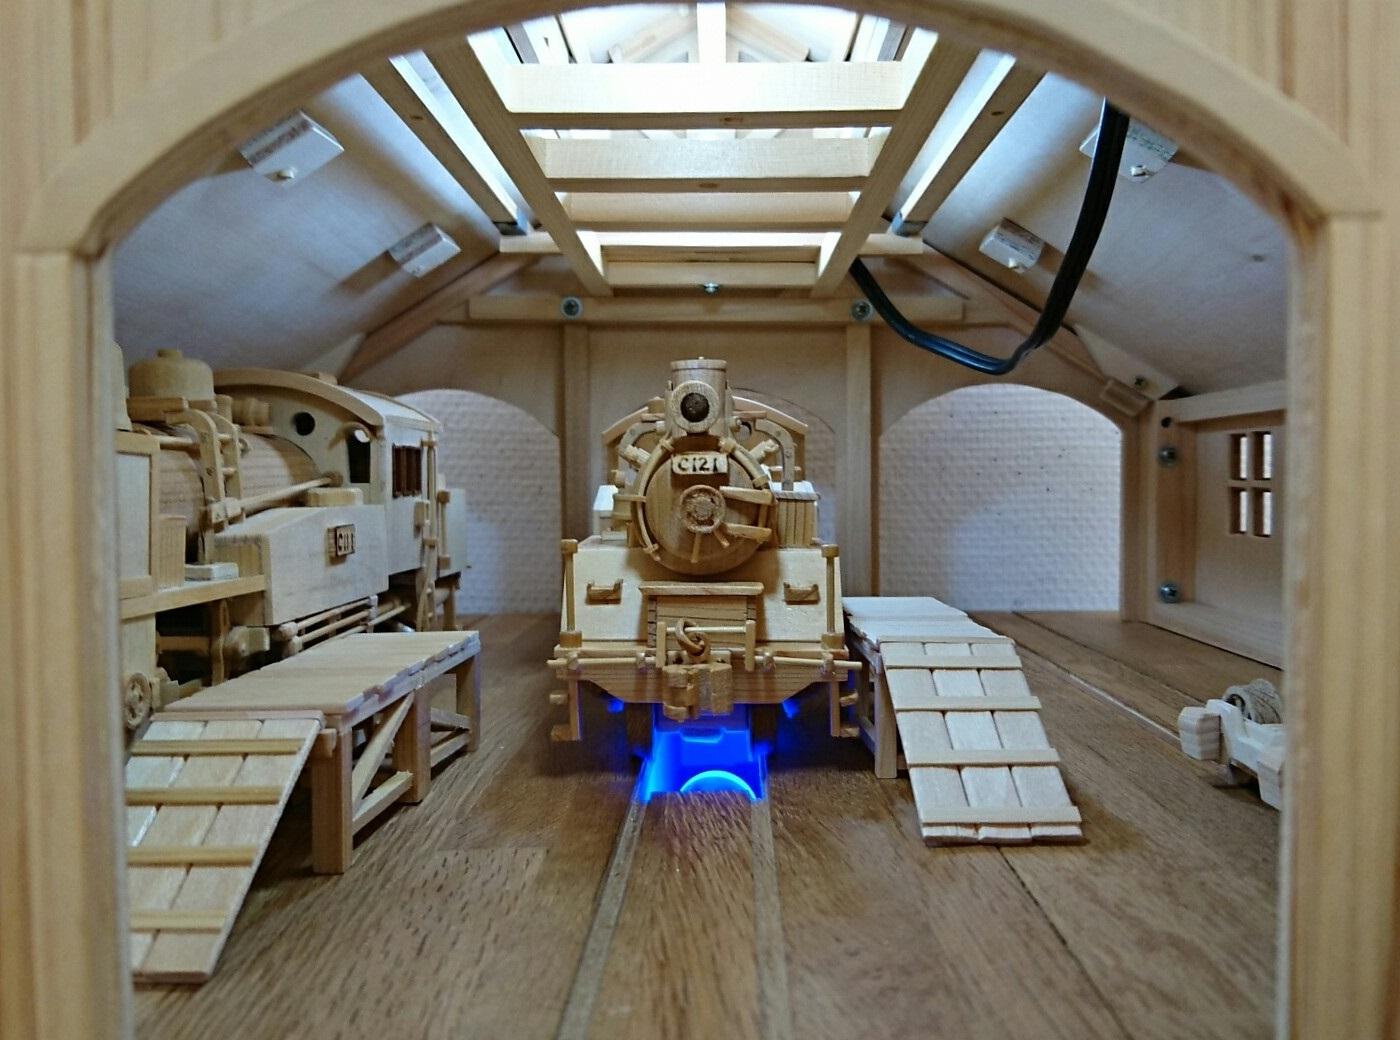 2018.3.22 木工細工蒸気機関車作品展 (13) 機関車庫とC121 1400-1040